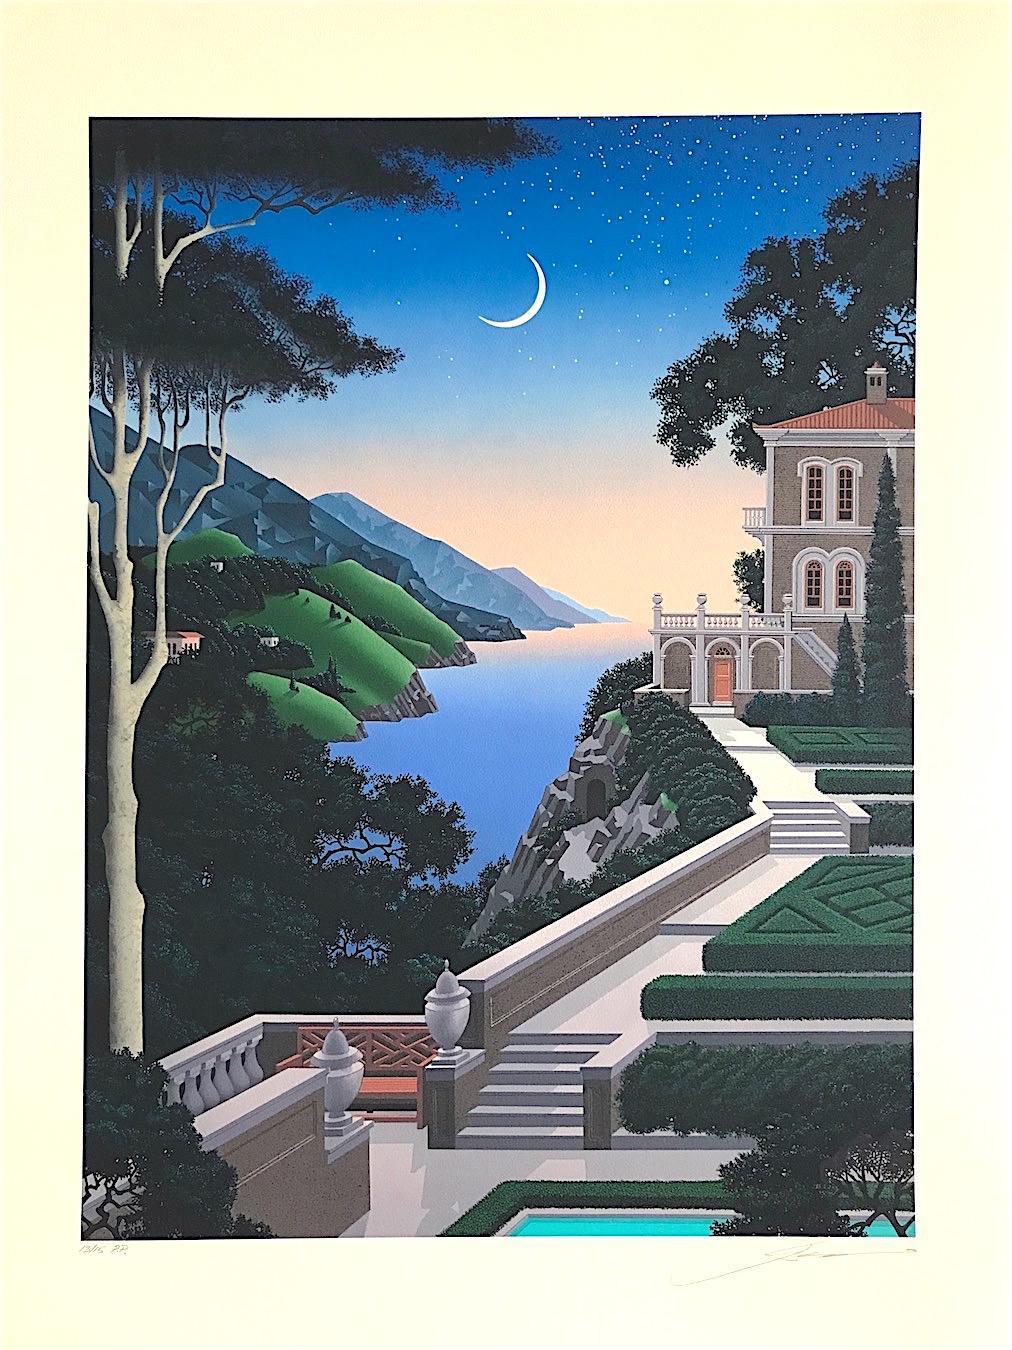 GIARDINO SEGRETTO Signed Lithograph, Moonlit Landscape, Mediterranean Villa